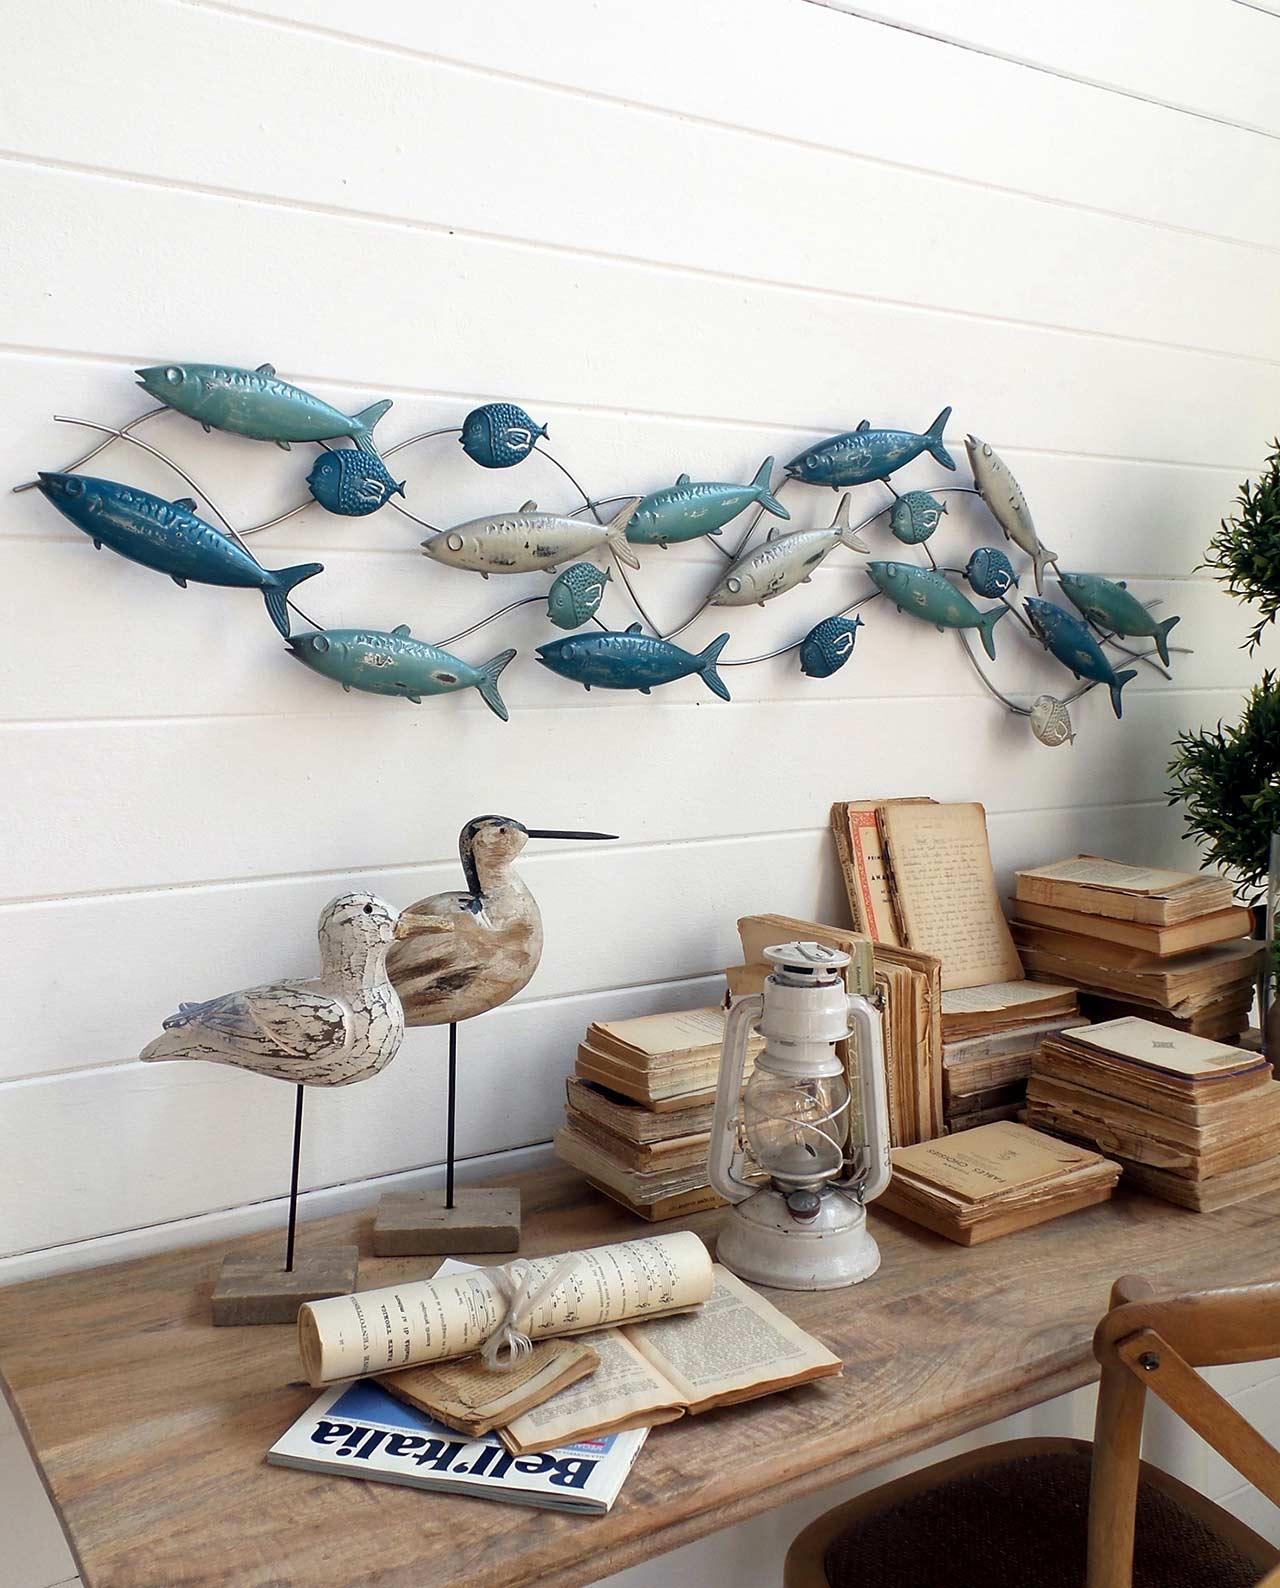 Pannelli decorativi per pareti con pesci - Pannelli decorativi legno per pareti ...